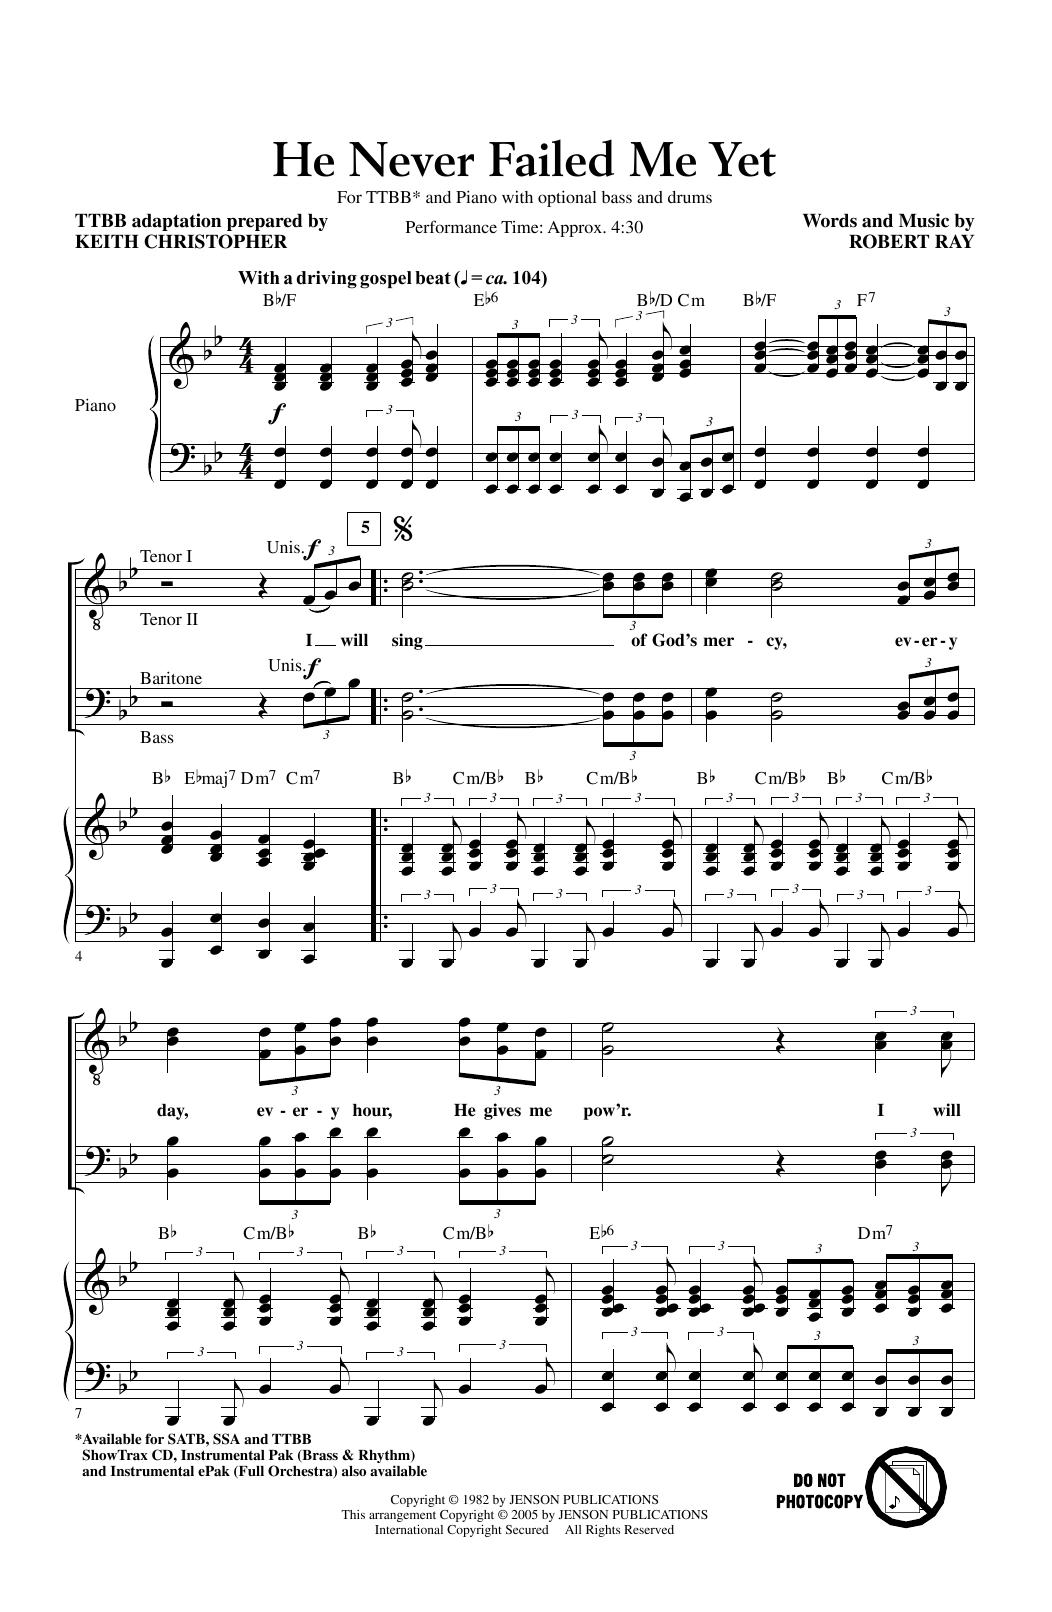 He Never Failed Me Yet (arr. Keith Christopher) (TTBB Choir)